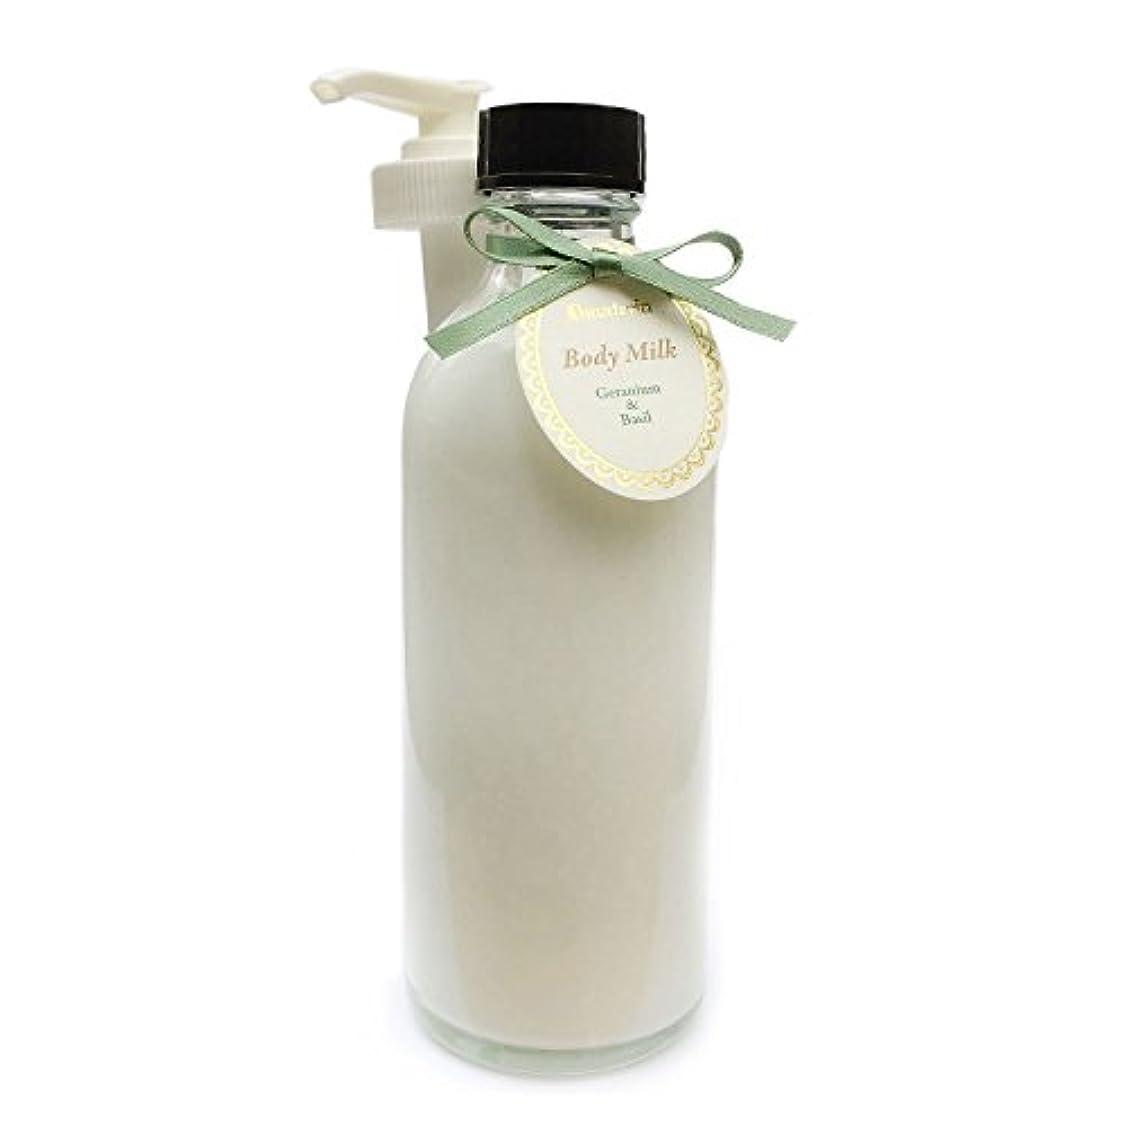 昼食イベントネクタイD materia ボディミルク ゼラニウム&バジル Geranium&Basil Body Milk ディーマテリア